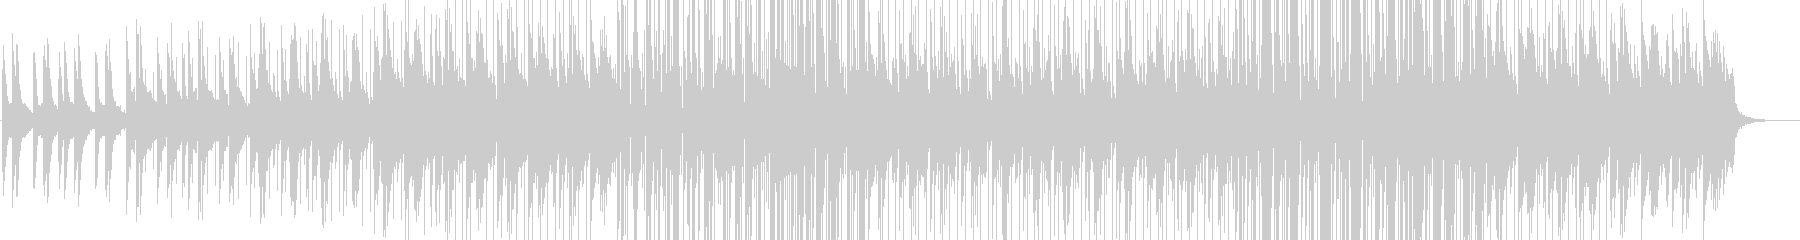 PV-フューチャーPOP-エモ-ドローンの未再生の波形